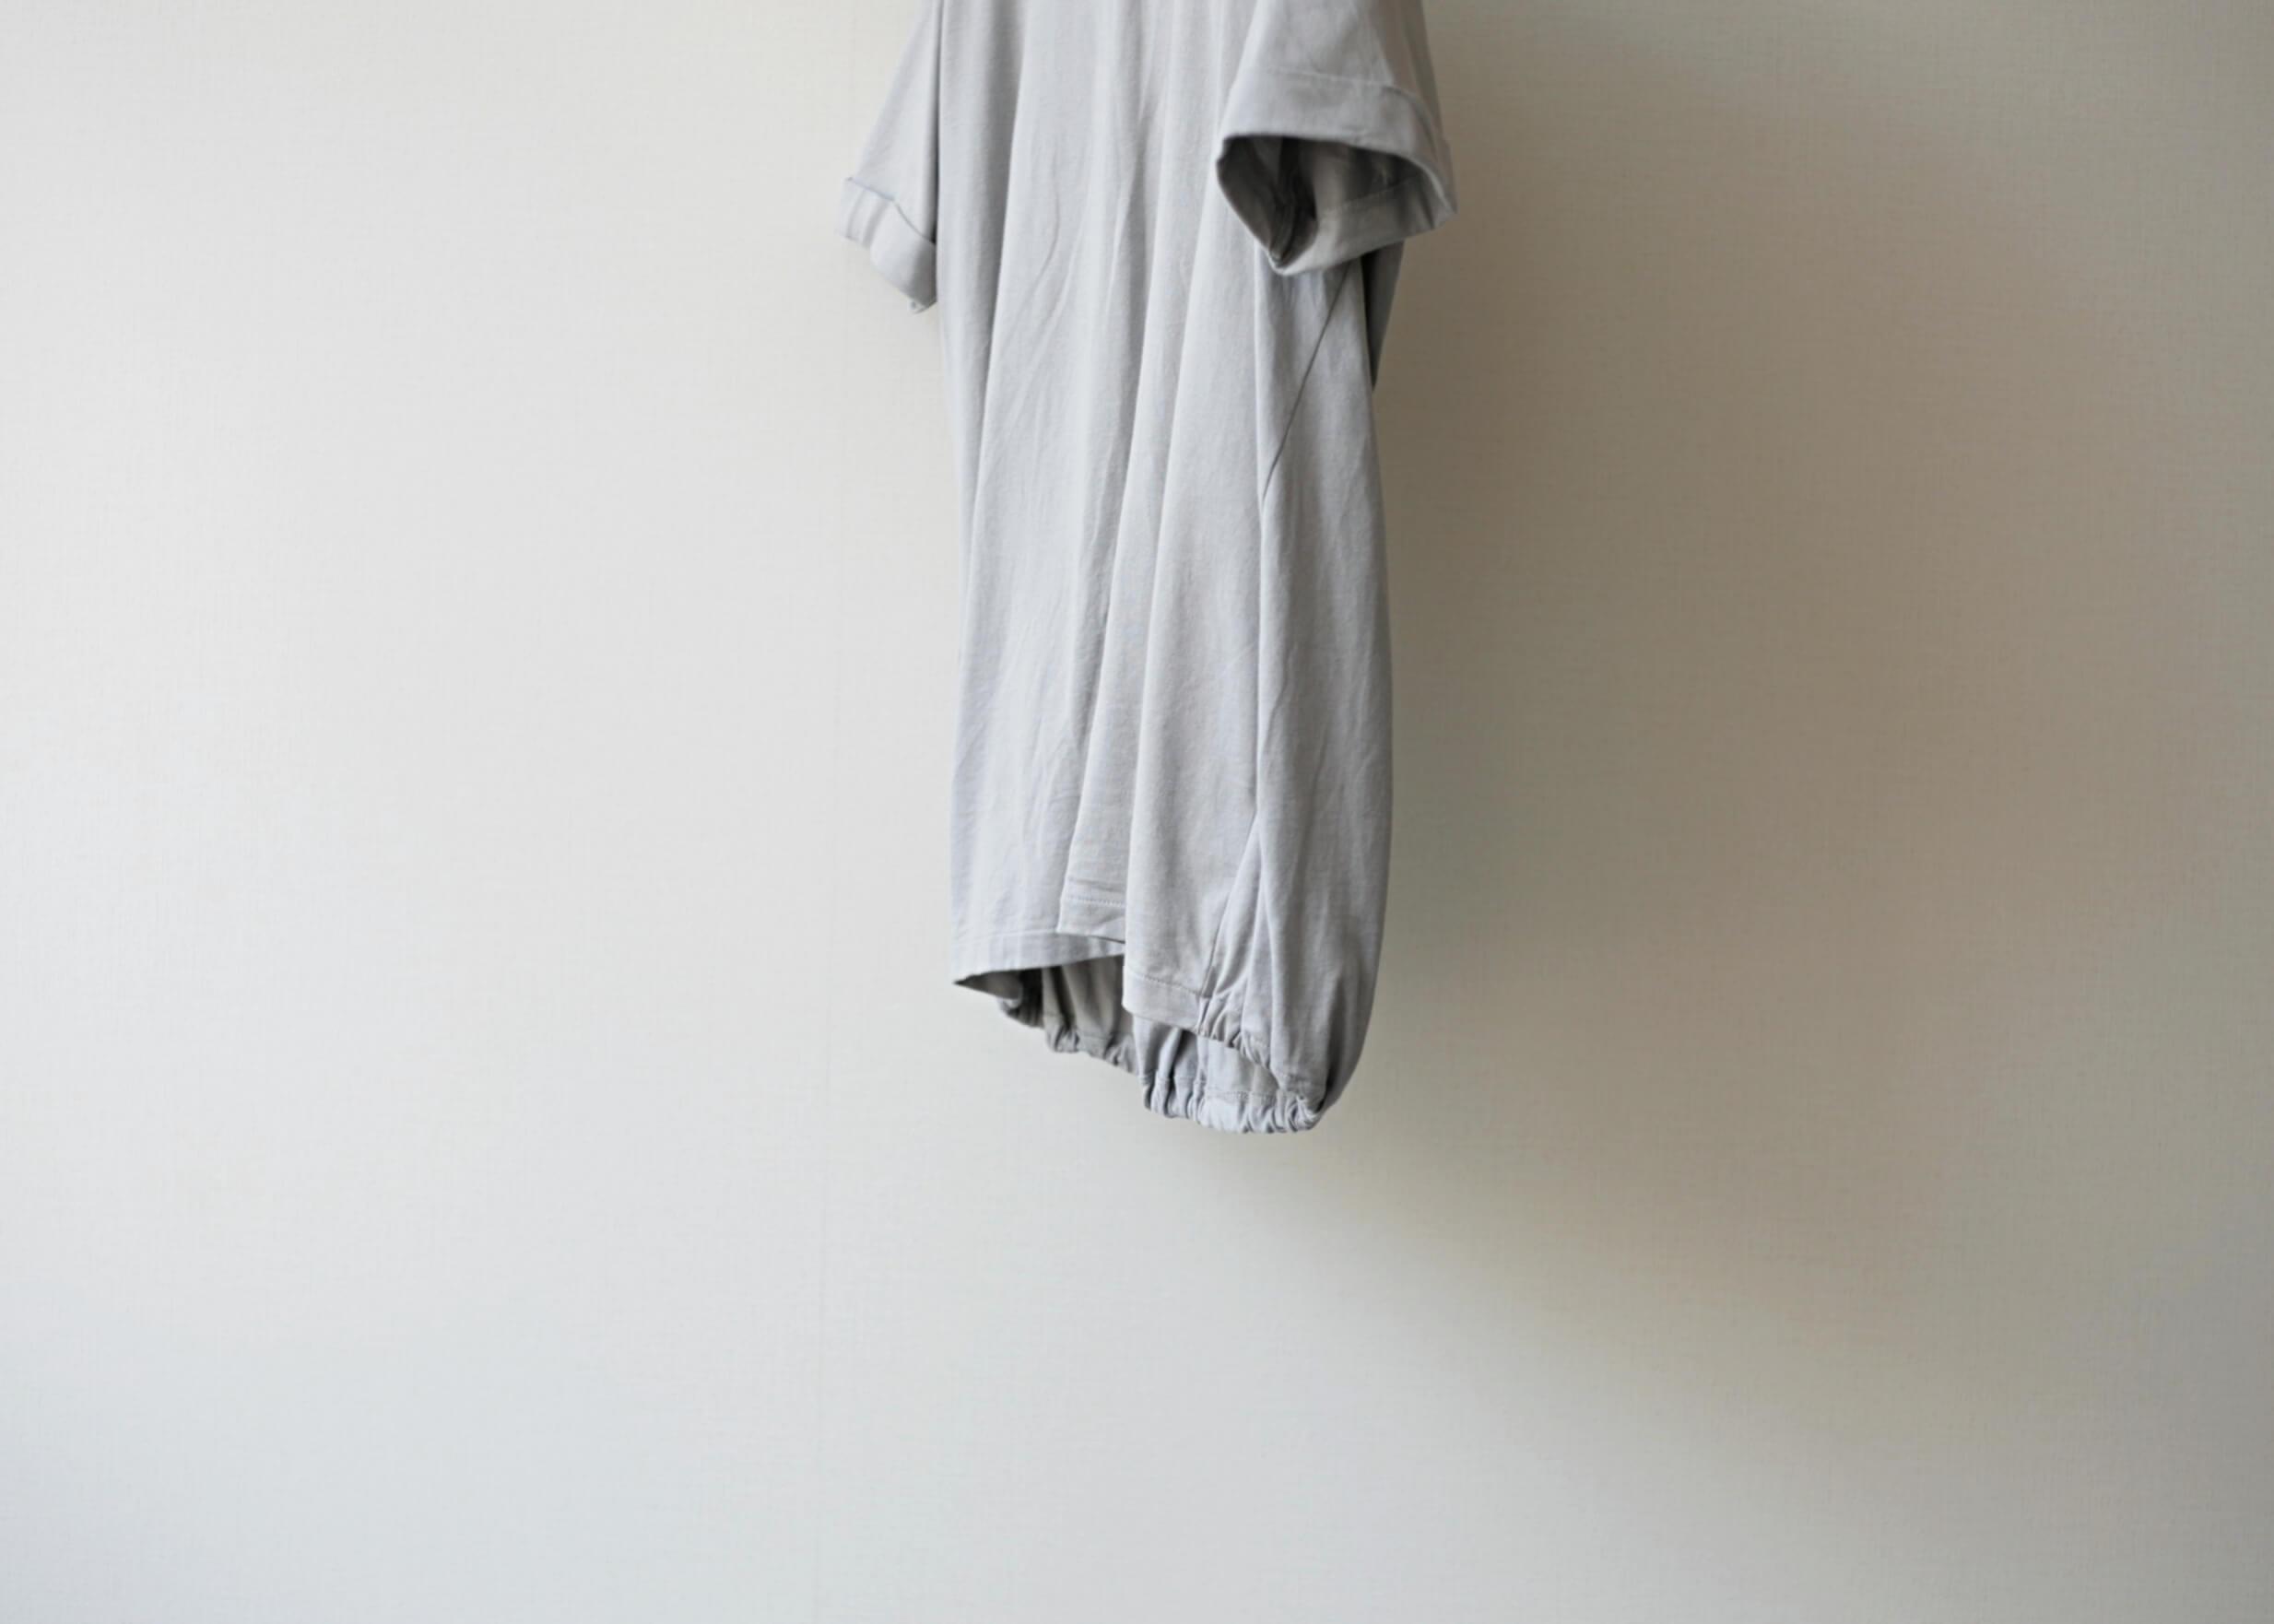 ドゥルカマラ バルーンT gray tシャツ下部分 横からのアップ